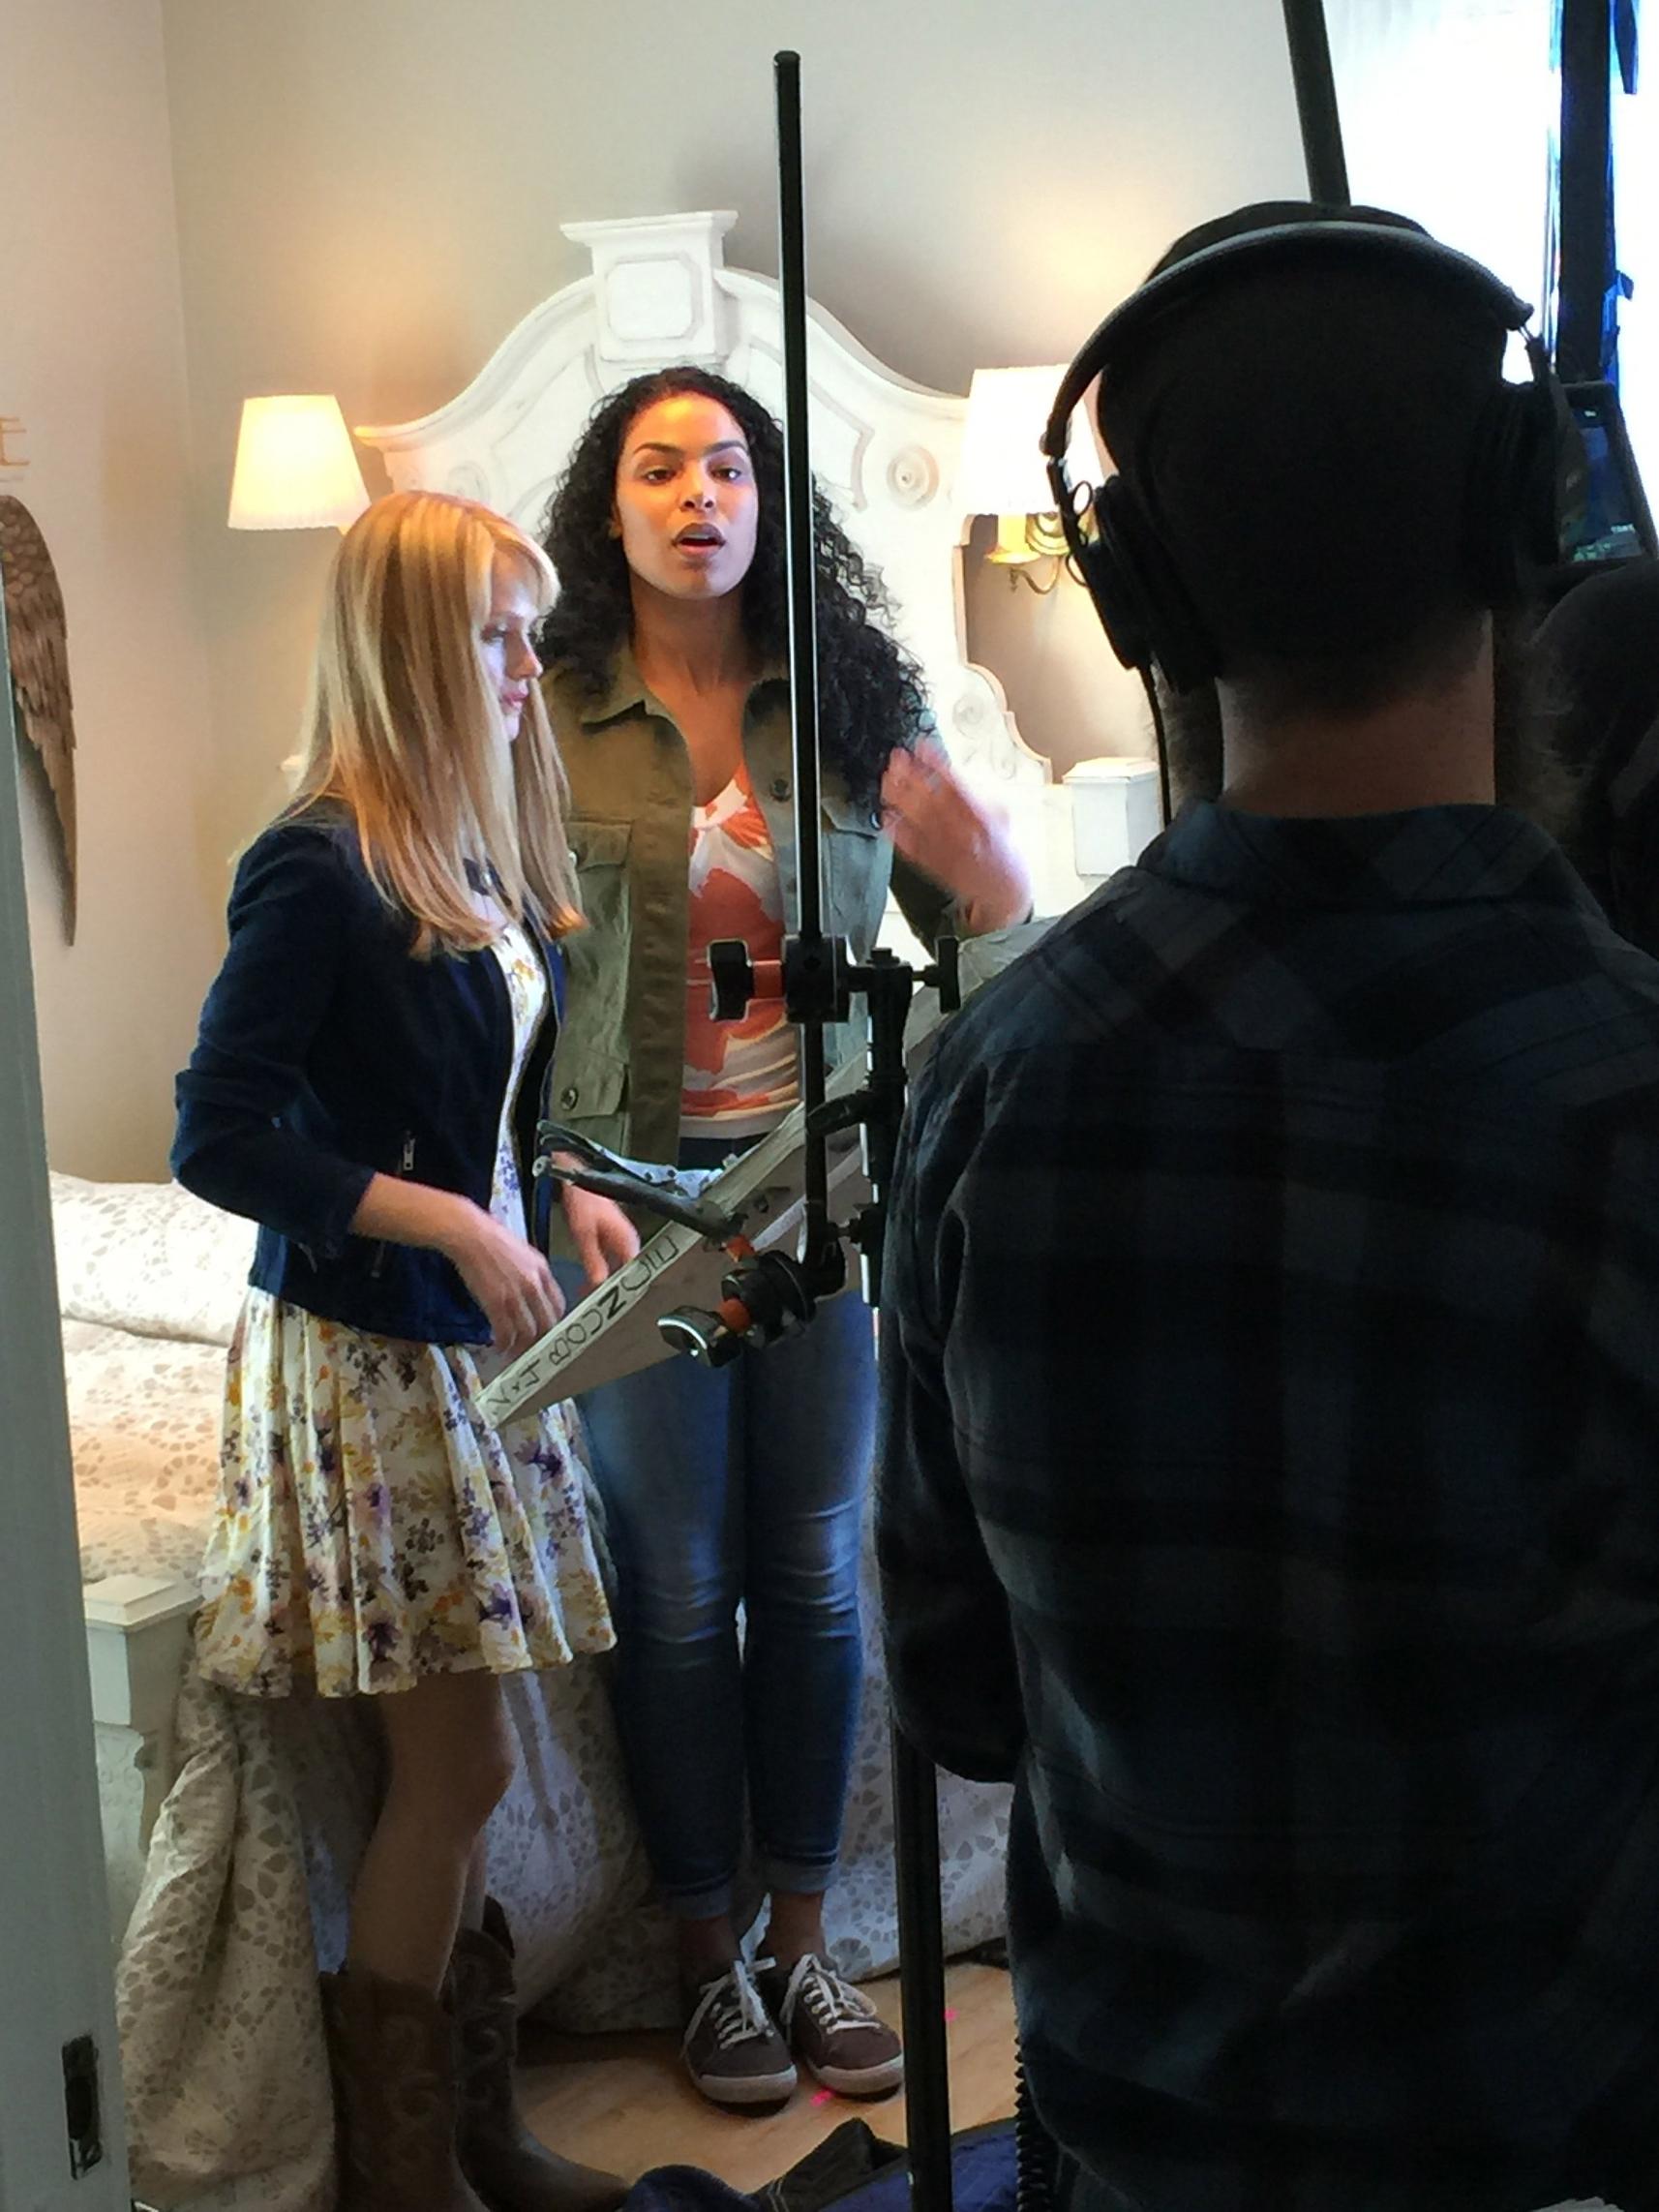 Lindsay Pulsipher & Jordin Sparks practice for a scene take on set.